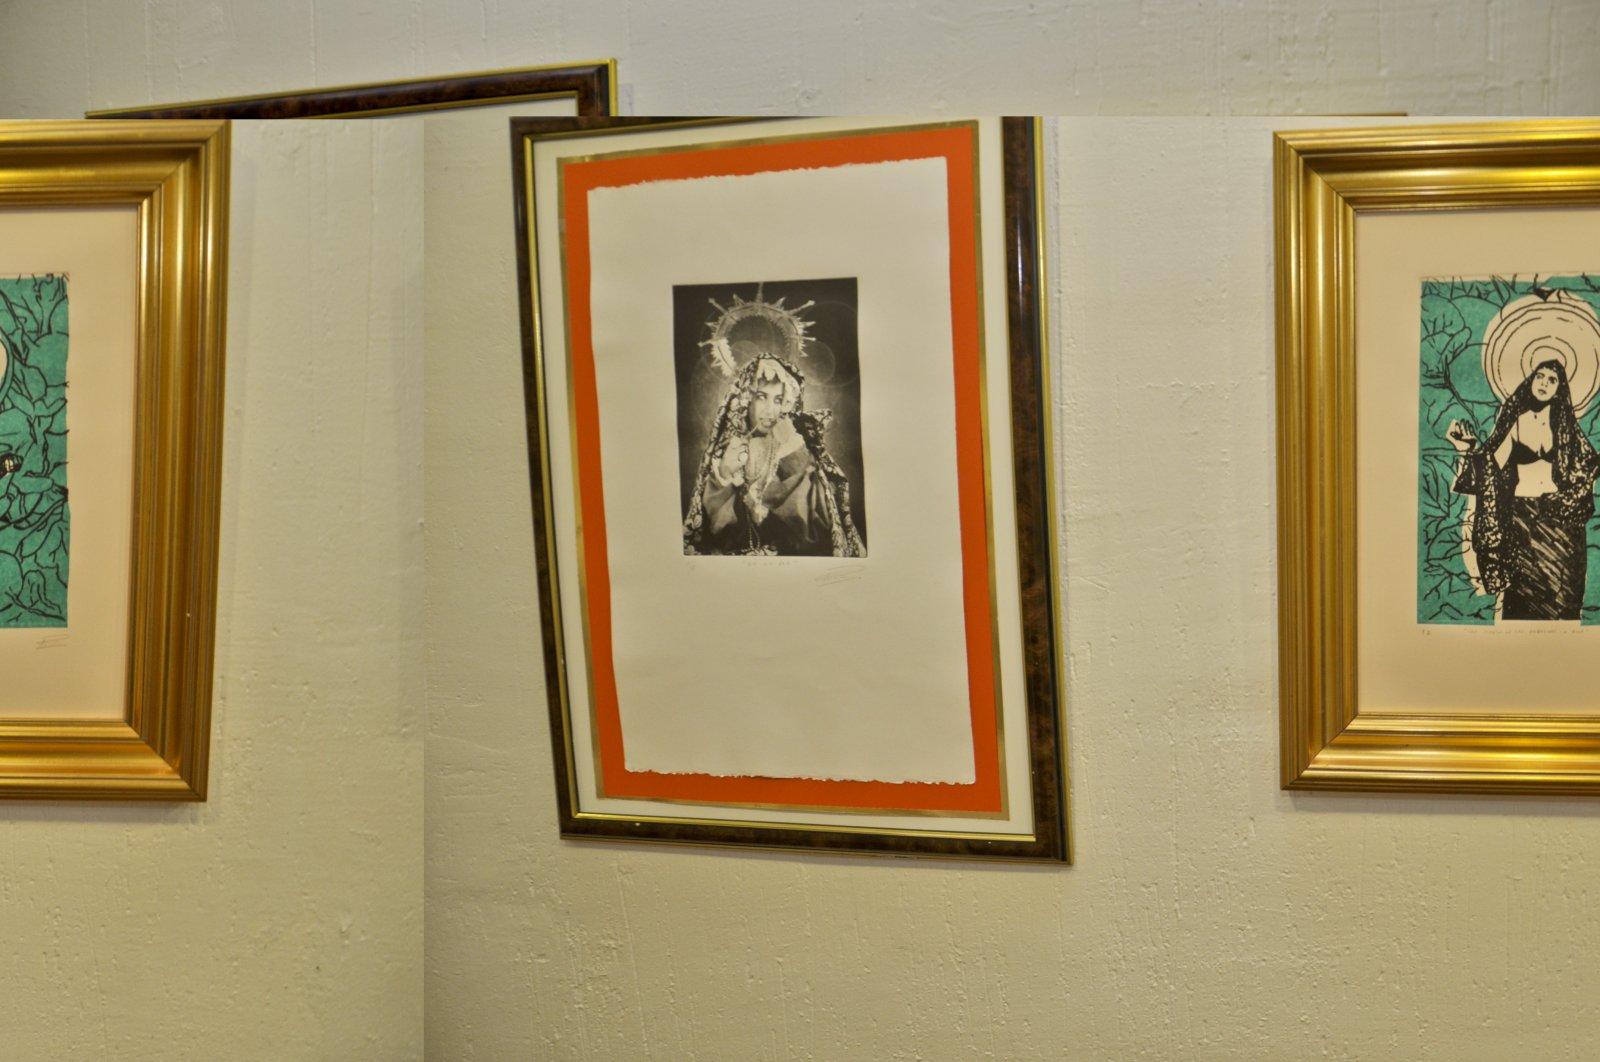 8. Detalle de una serie de inquietantes grabados sobre la Virgen.